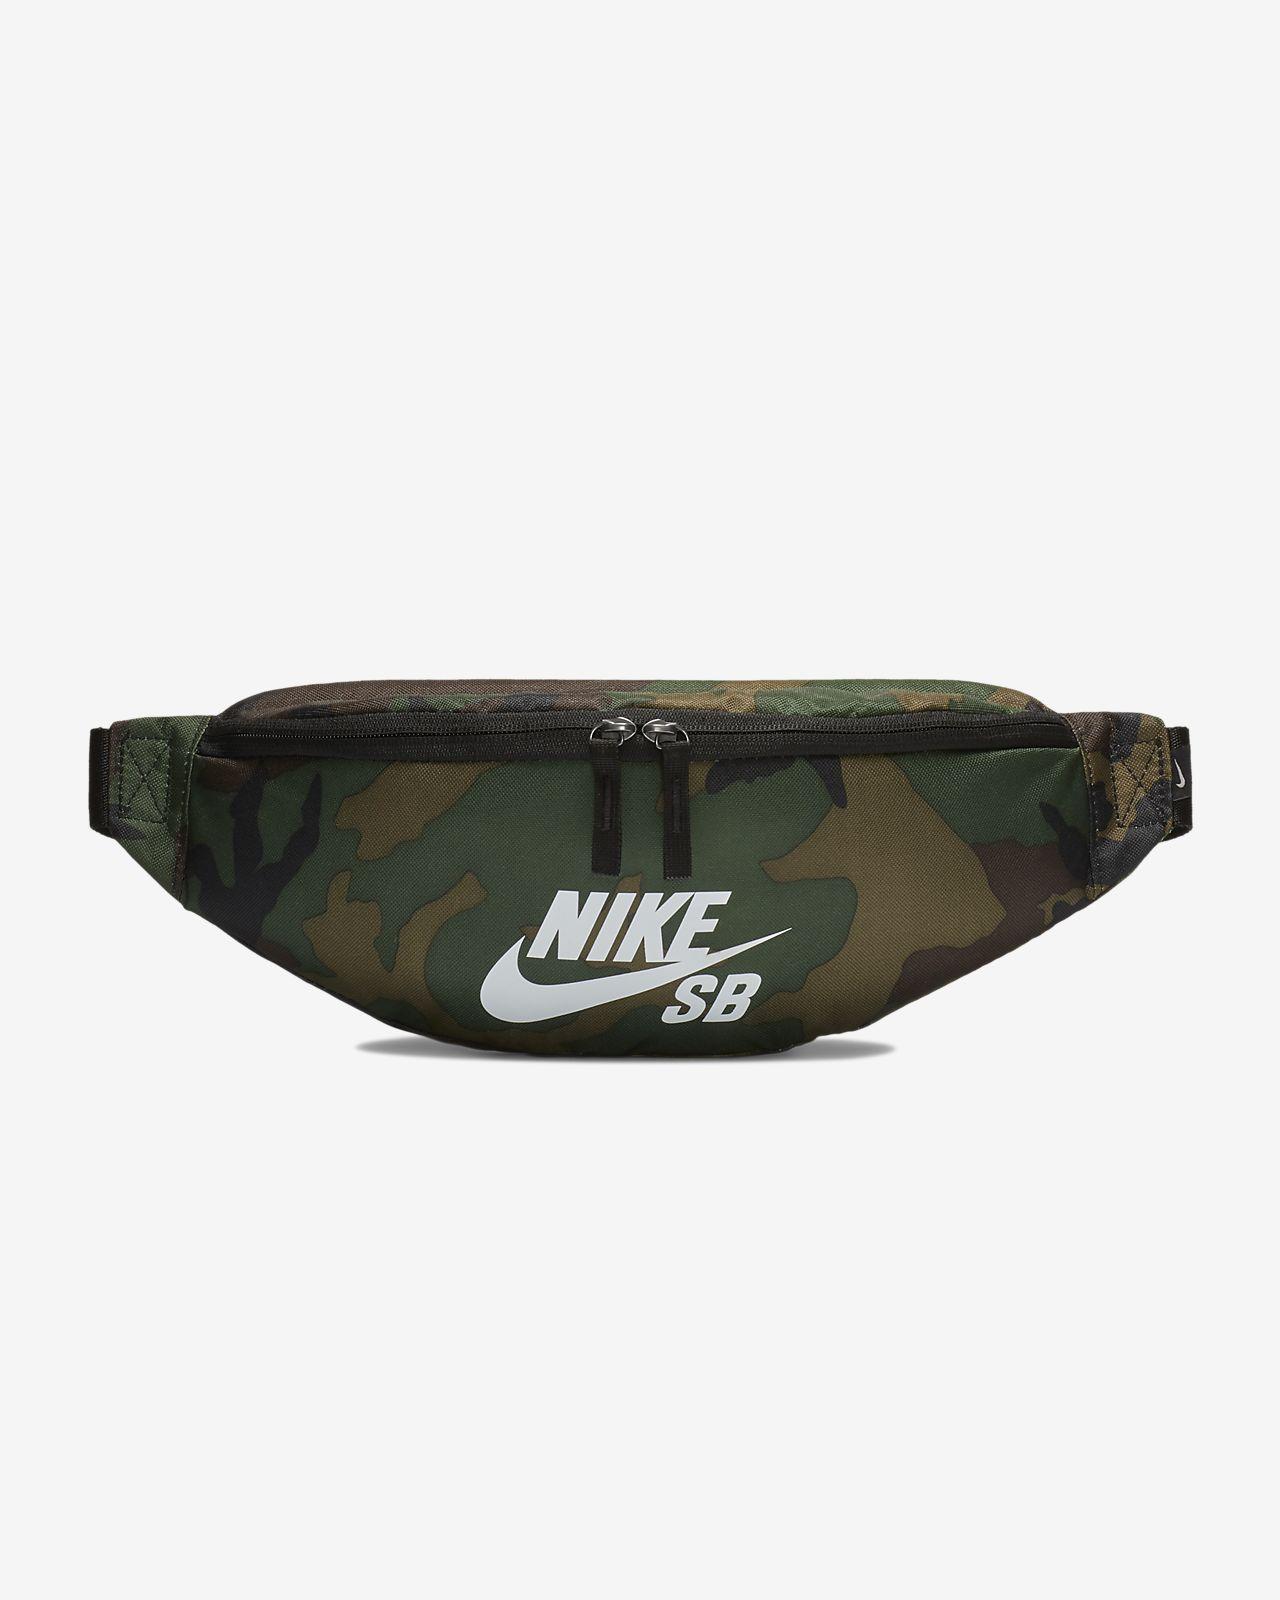 Τσαντάκι μέσης skateboarding Nike SB Heritage (για μικροαντικείμενα) με μοτίβο